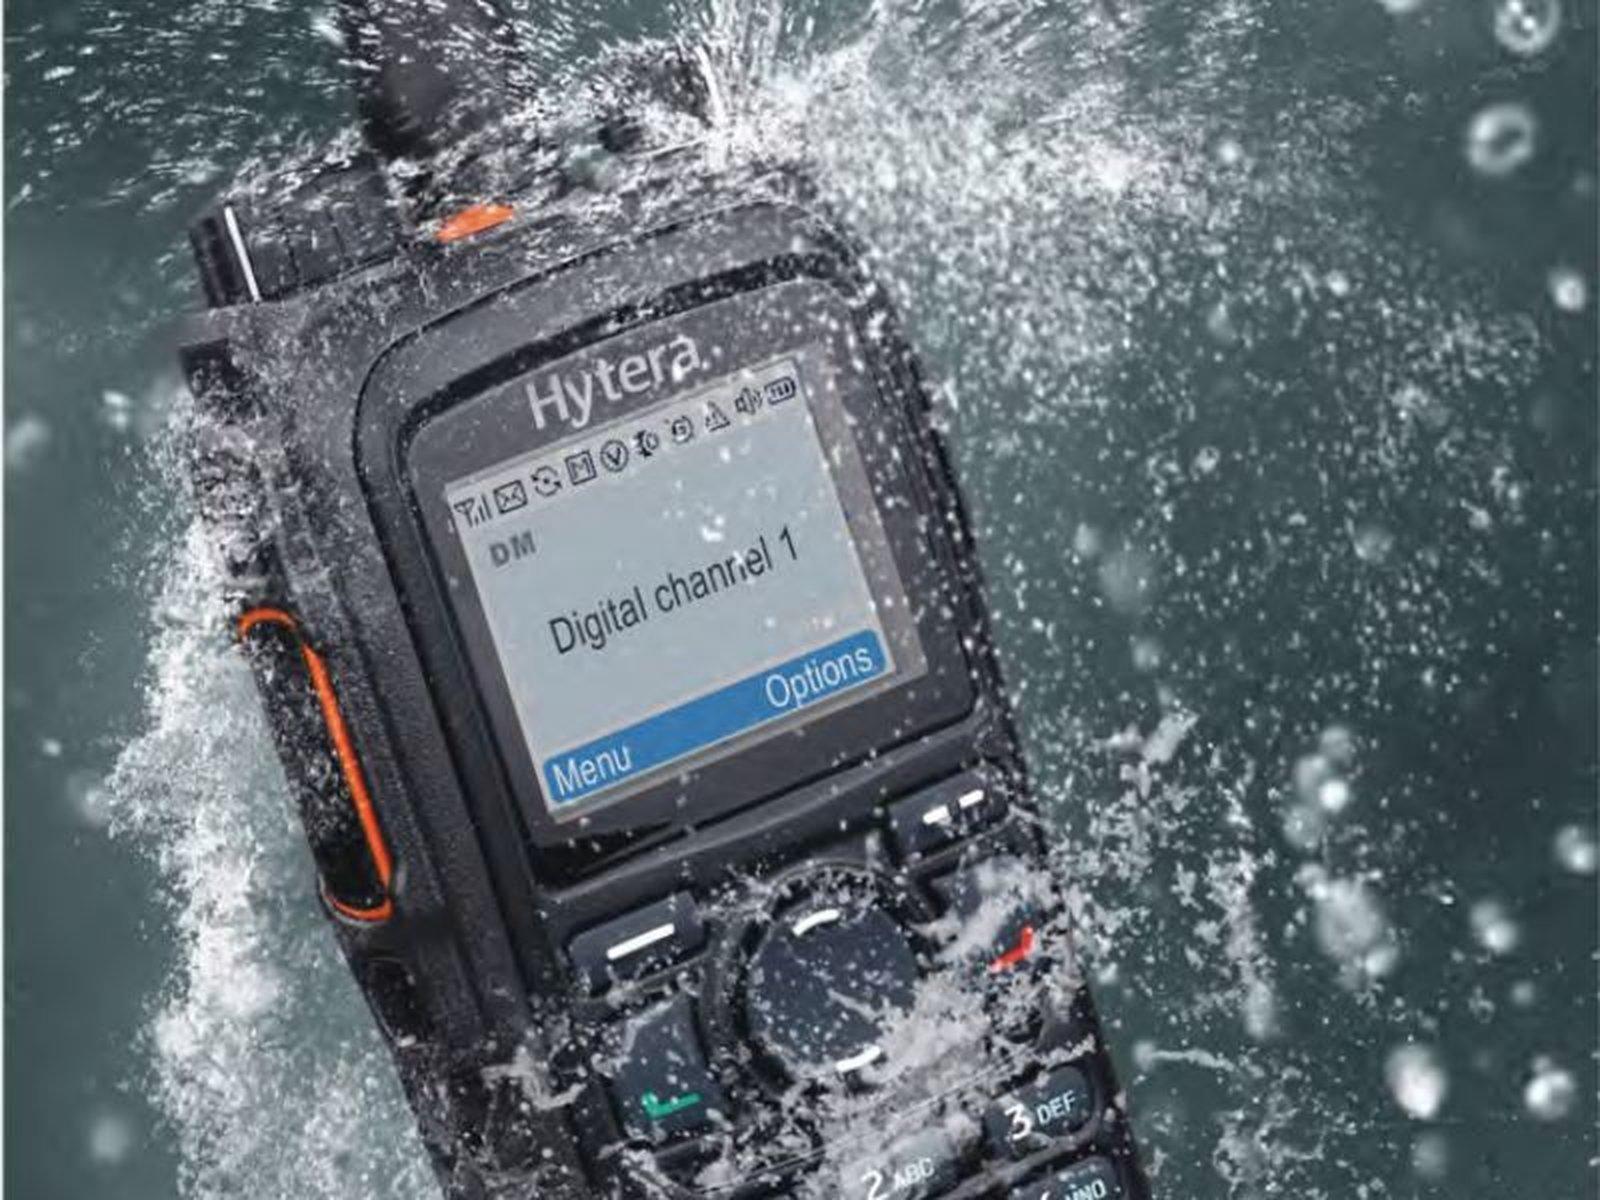 Hytera PD785 DMR extrem robustes Handsprechfunkgerät